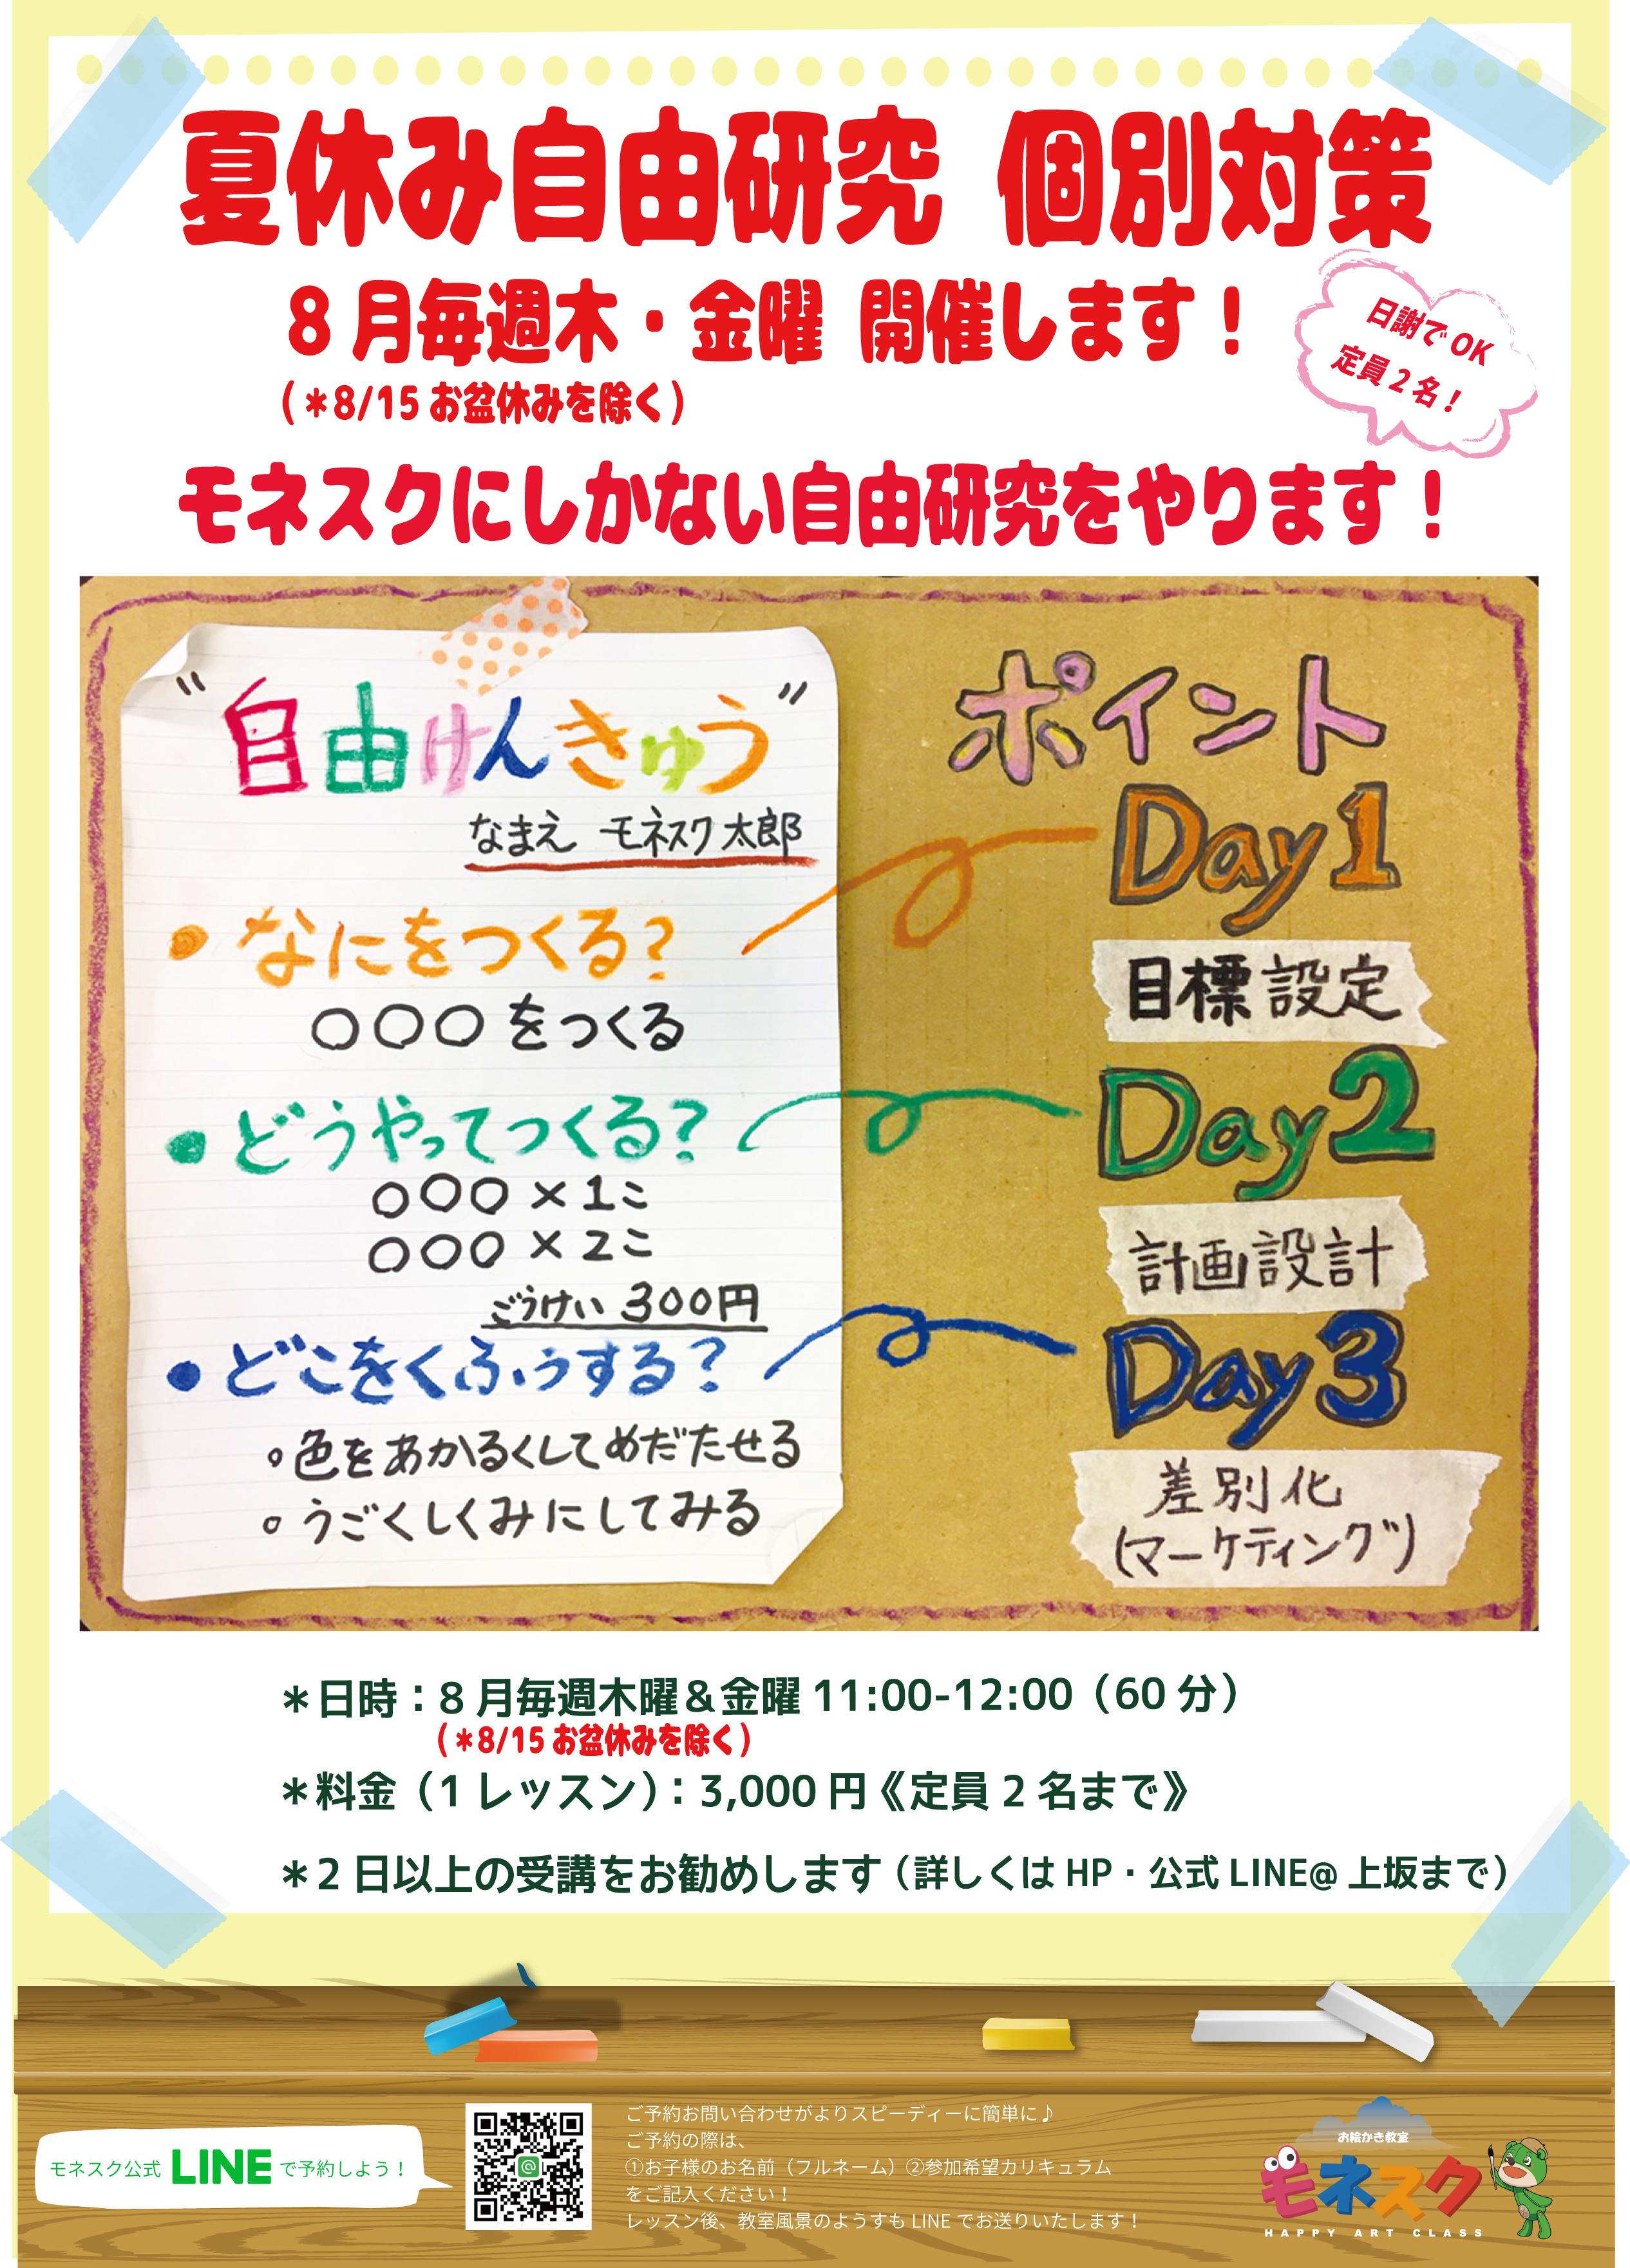 【モネスクにしかできない夏休み自由研究】8月に個別対策します!